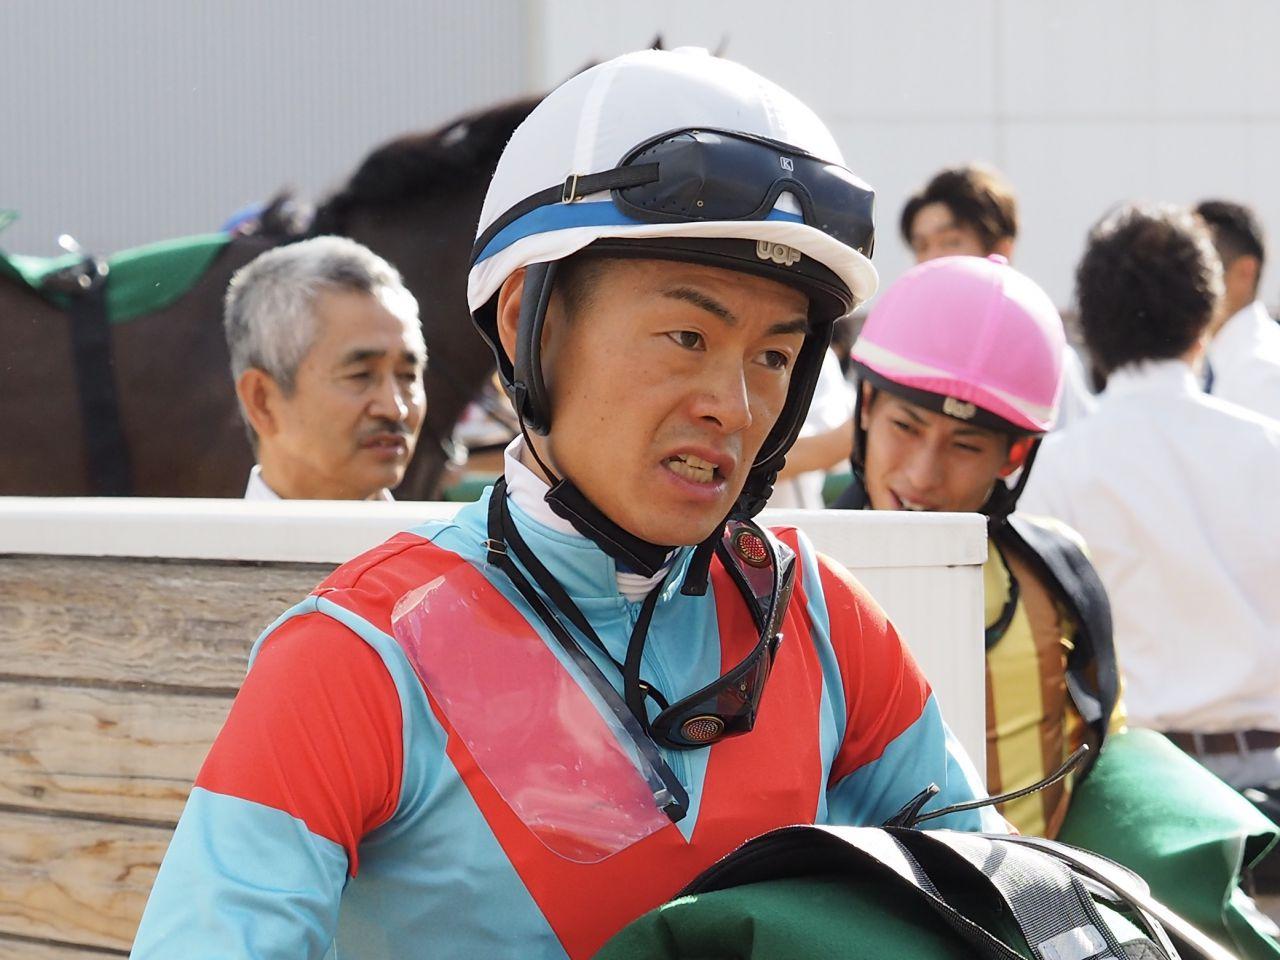 第3回福島競馬リーディングジョッキーは、西村淳也騎手!